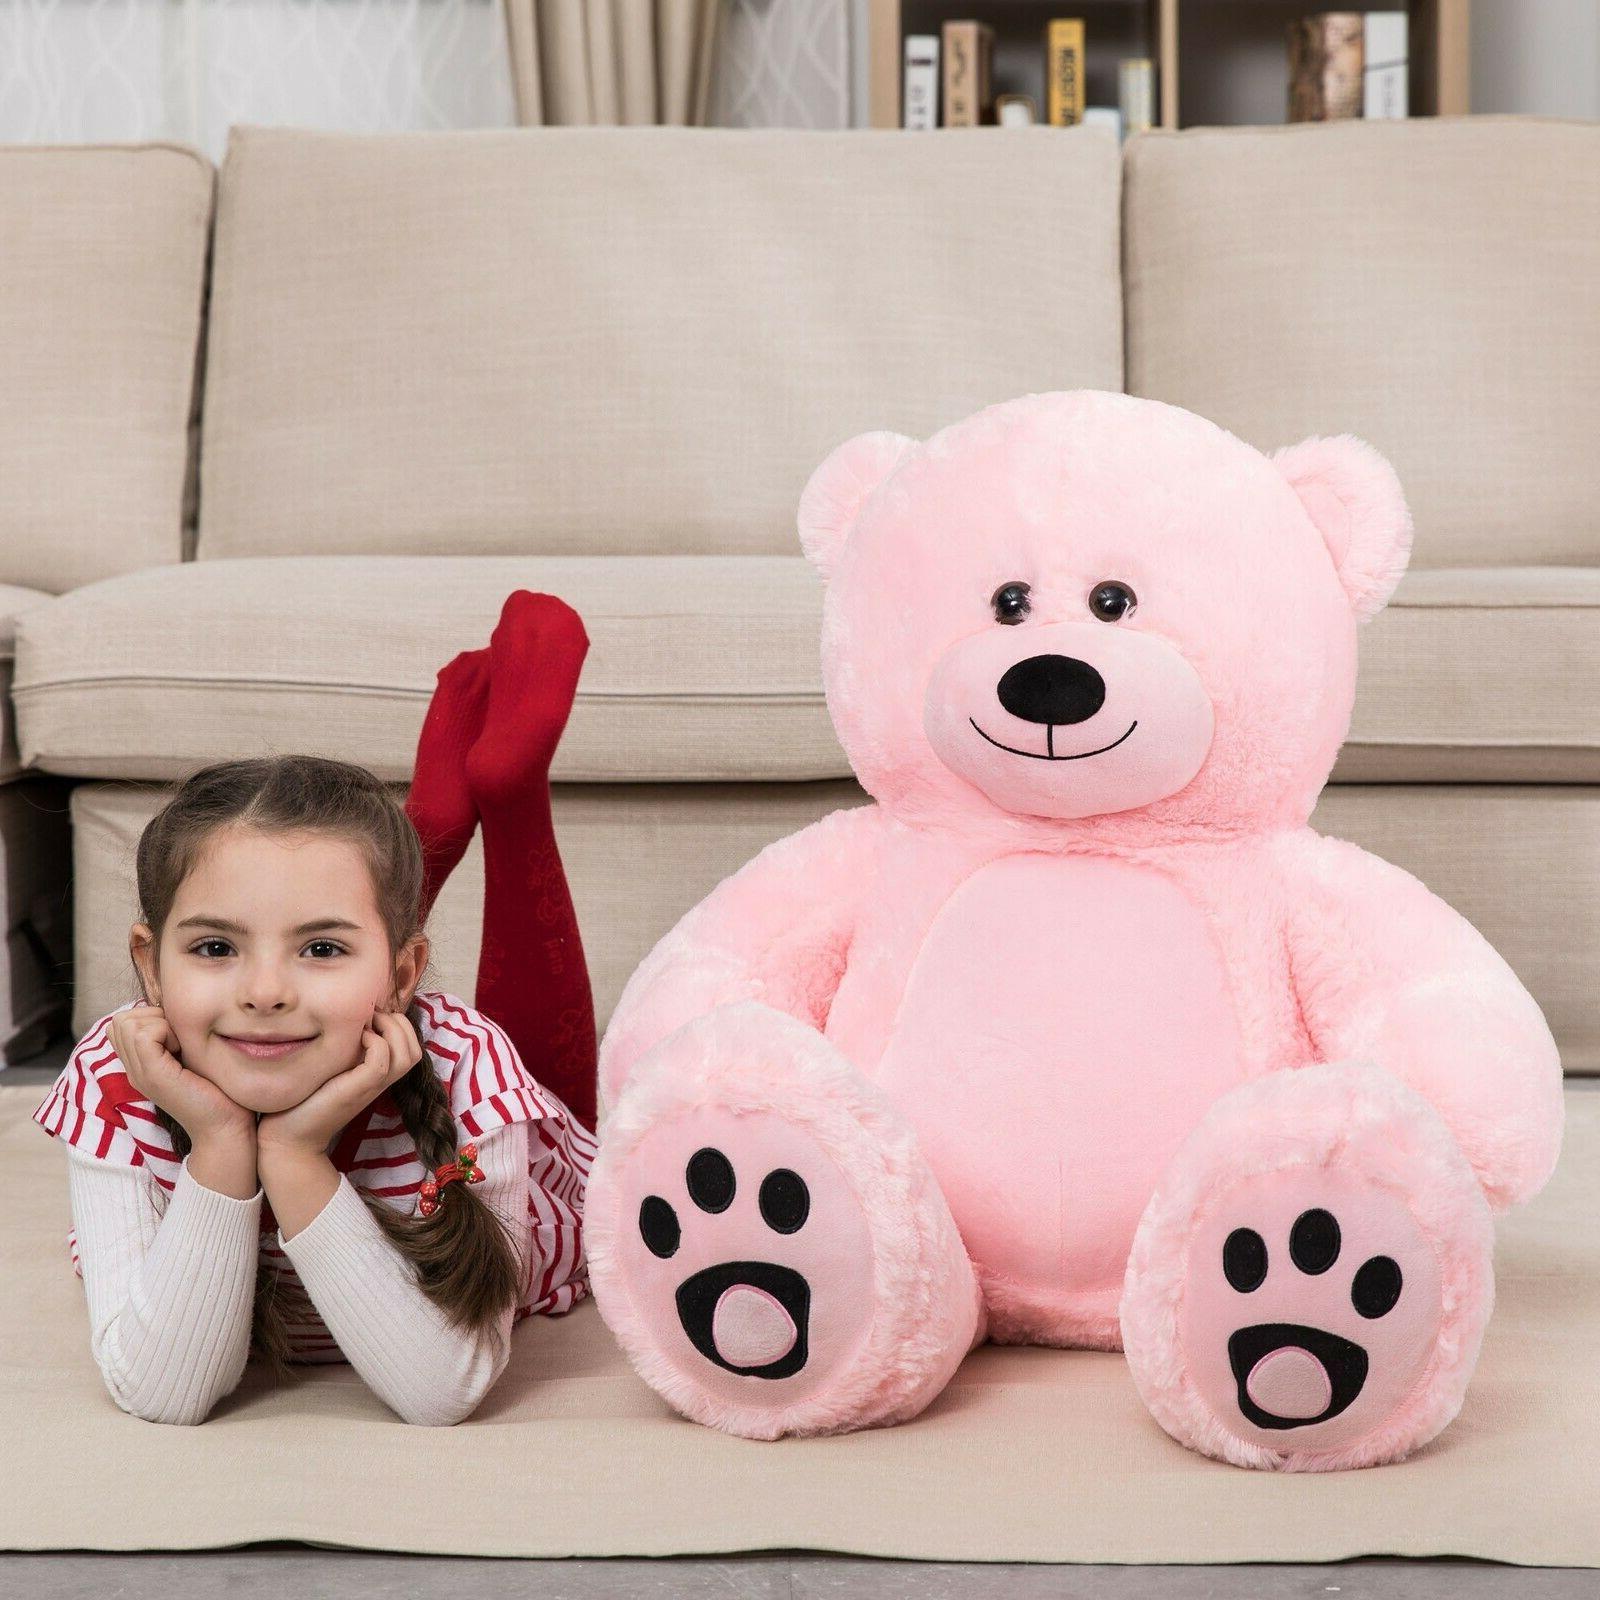 Giant Teddy Bear Soft Plush Stuffed Animals Toy Girls Birthd